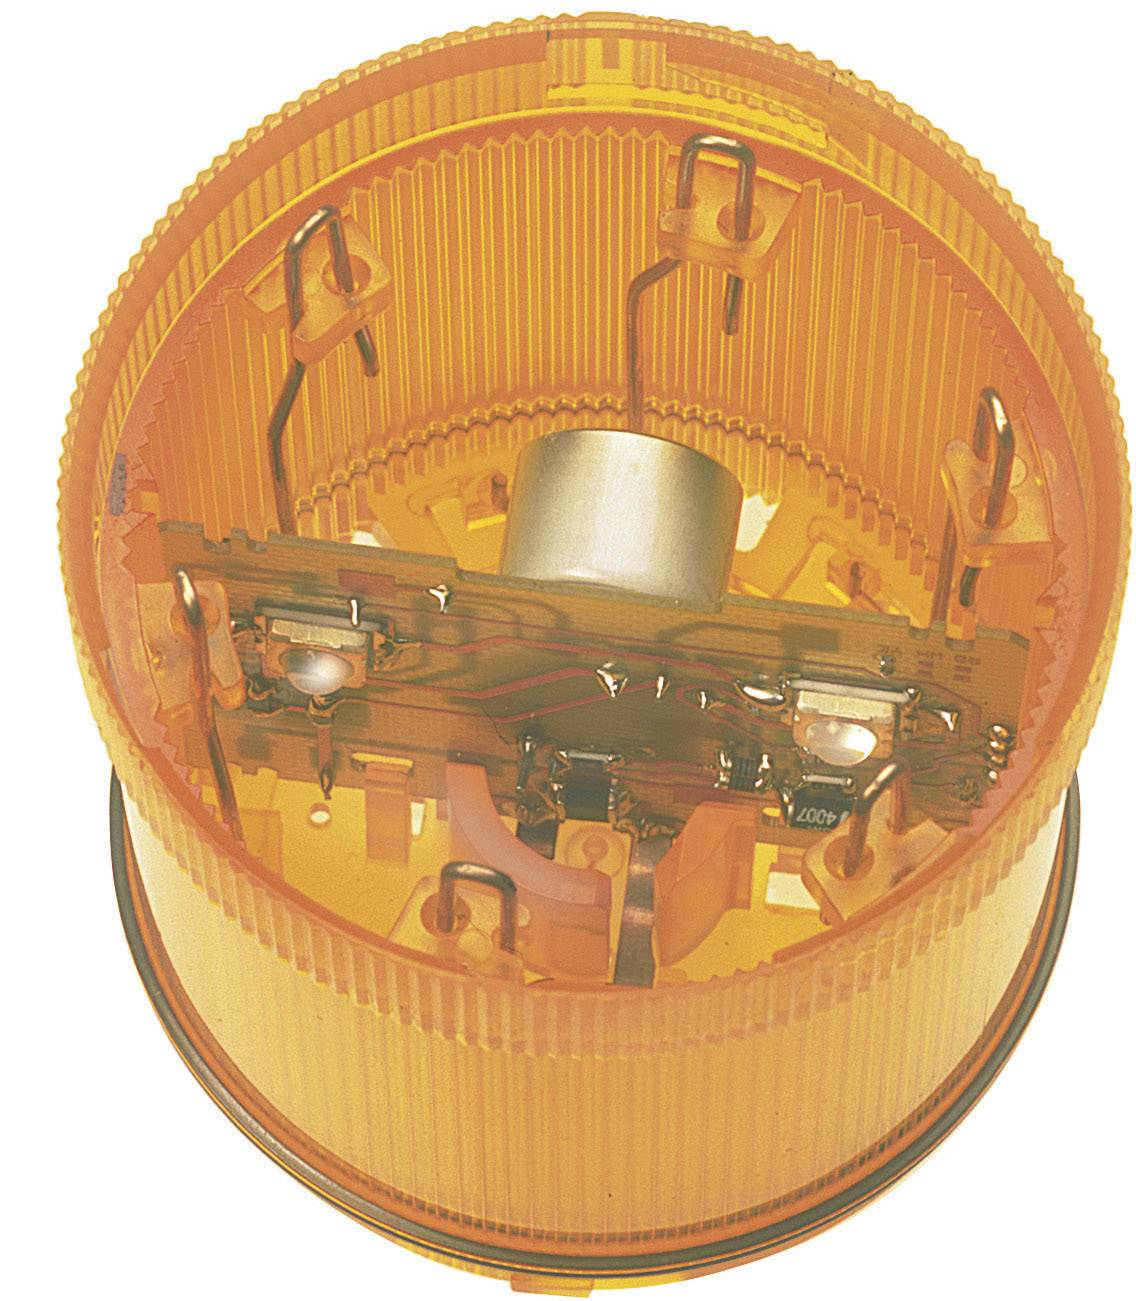 Súčasť signalizačného stĺpika LED Werma Signaltechnik WERMA KombiSign 71 644.300.75, 24 V/DC, trvalé svetlo, žltá